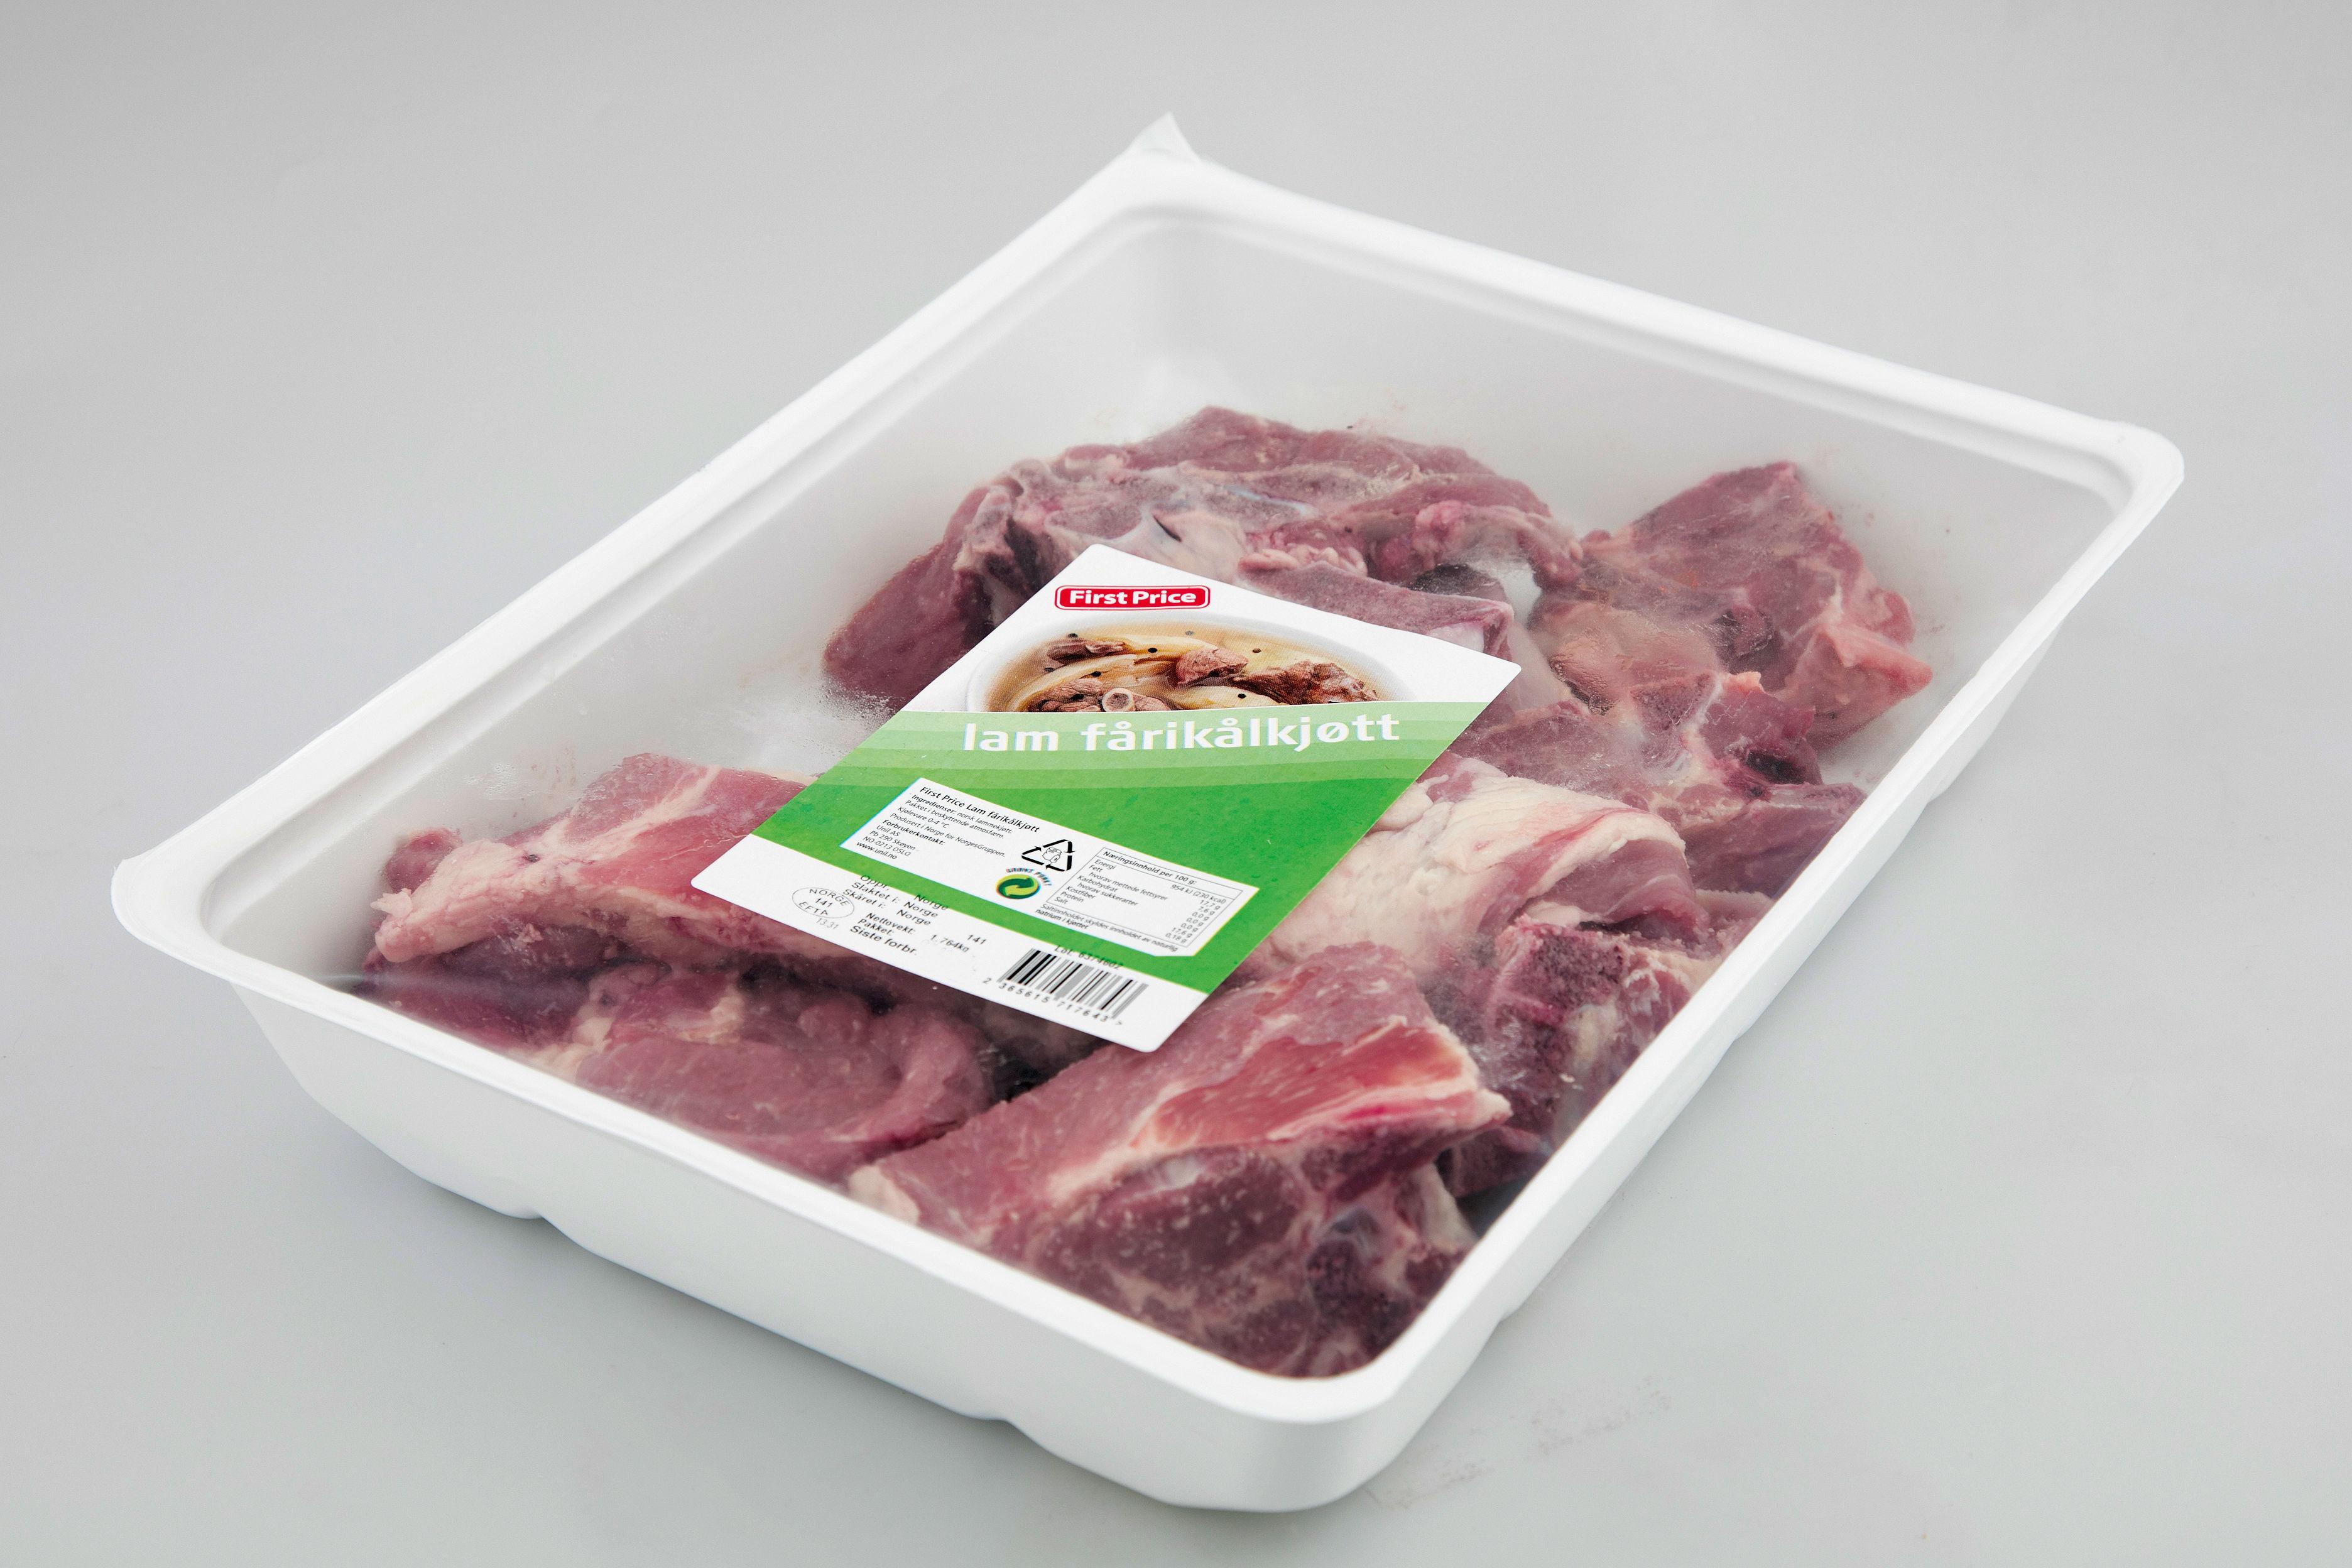 First Price fårikålkjøtt av lam, ca 1,8 kg. Tilgjengelig i hele landet.